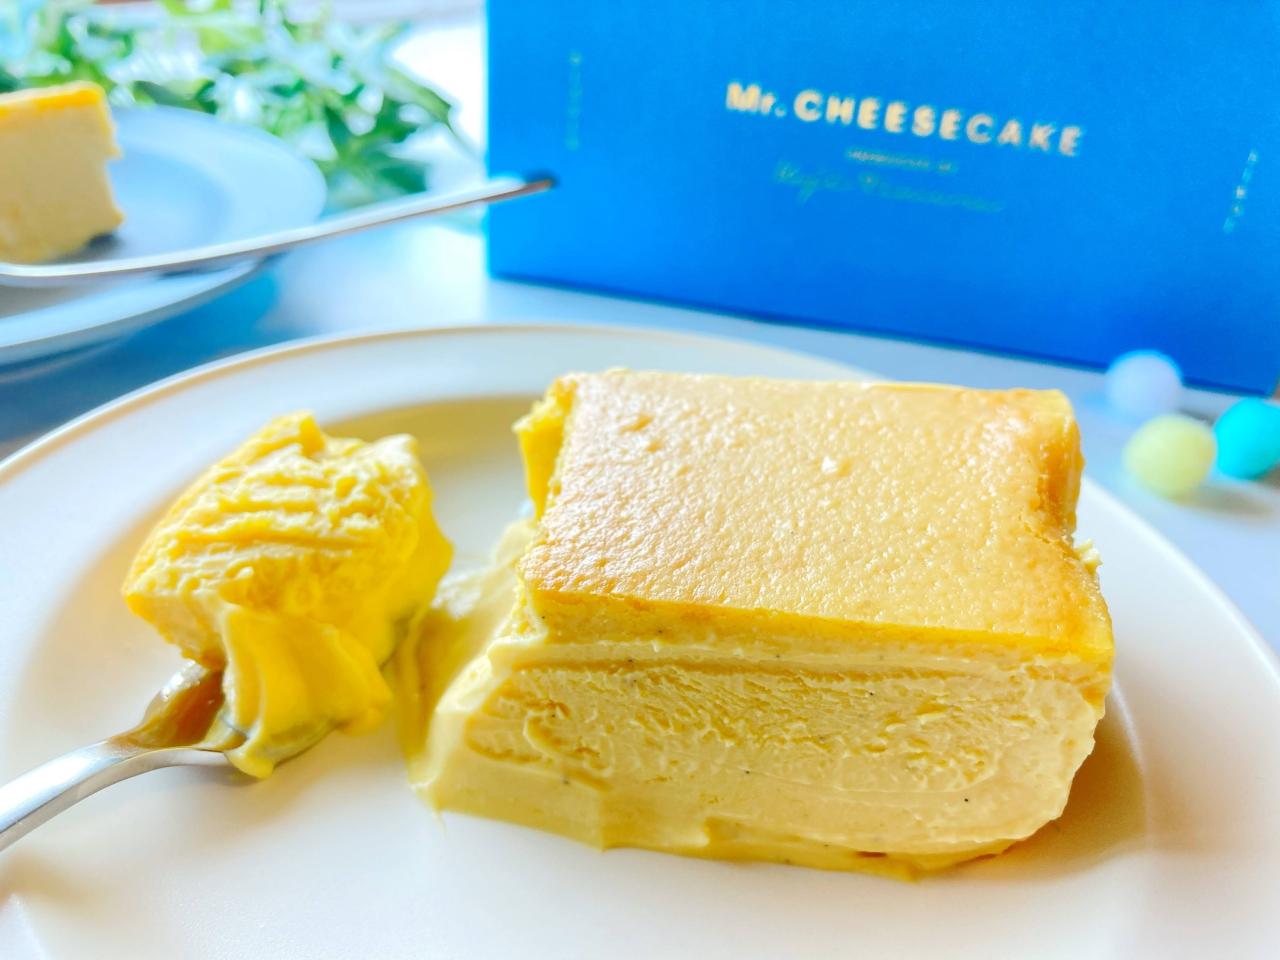 Mr. CHEESECAKE UN ÉTÉ mango passion